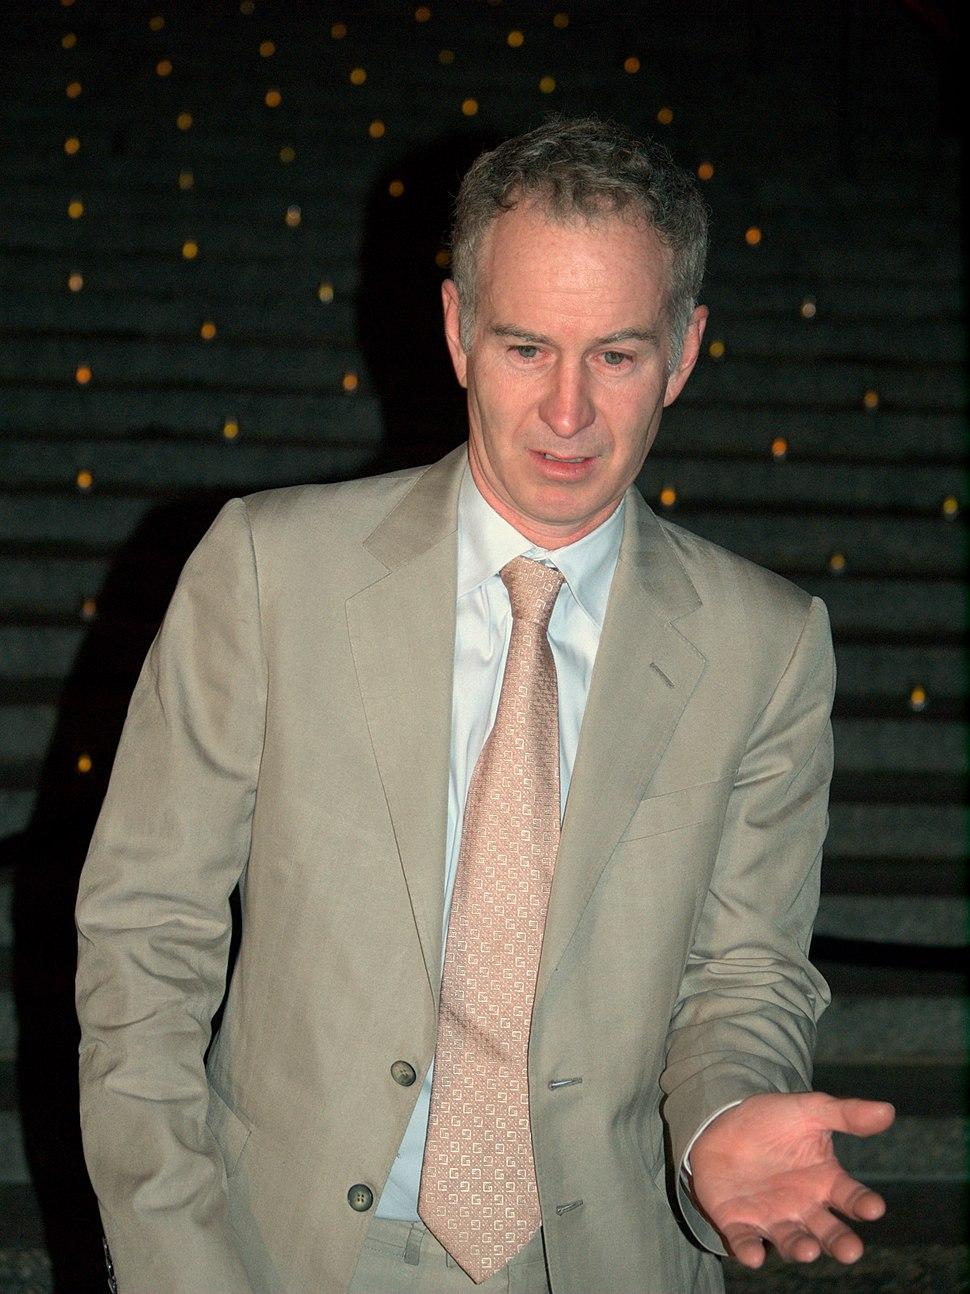 John McEnroe demonstrating his swing